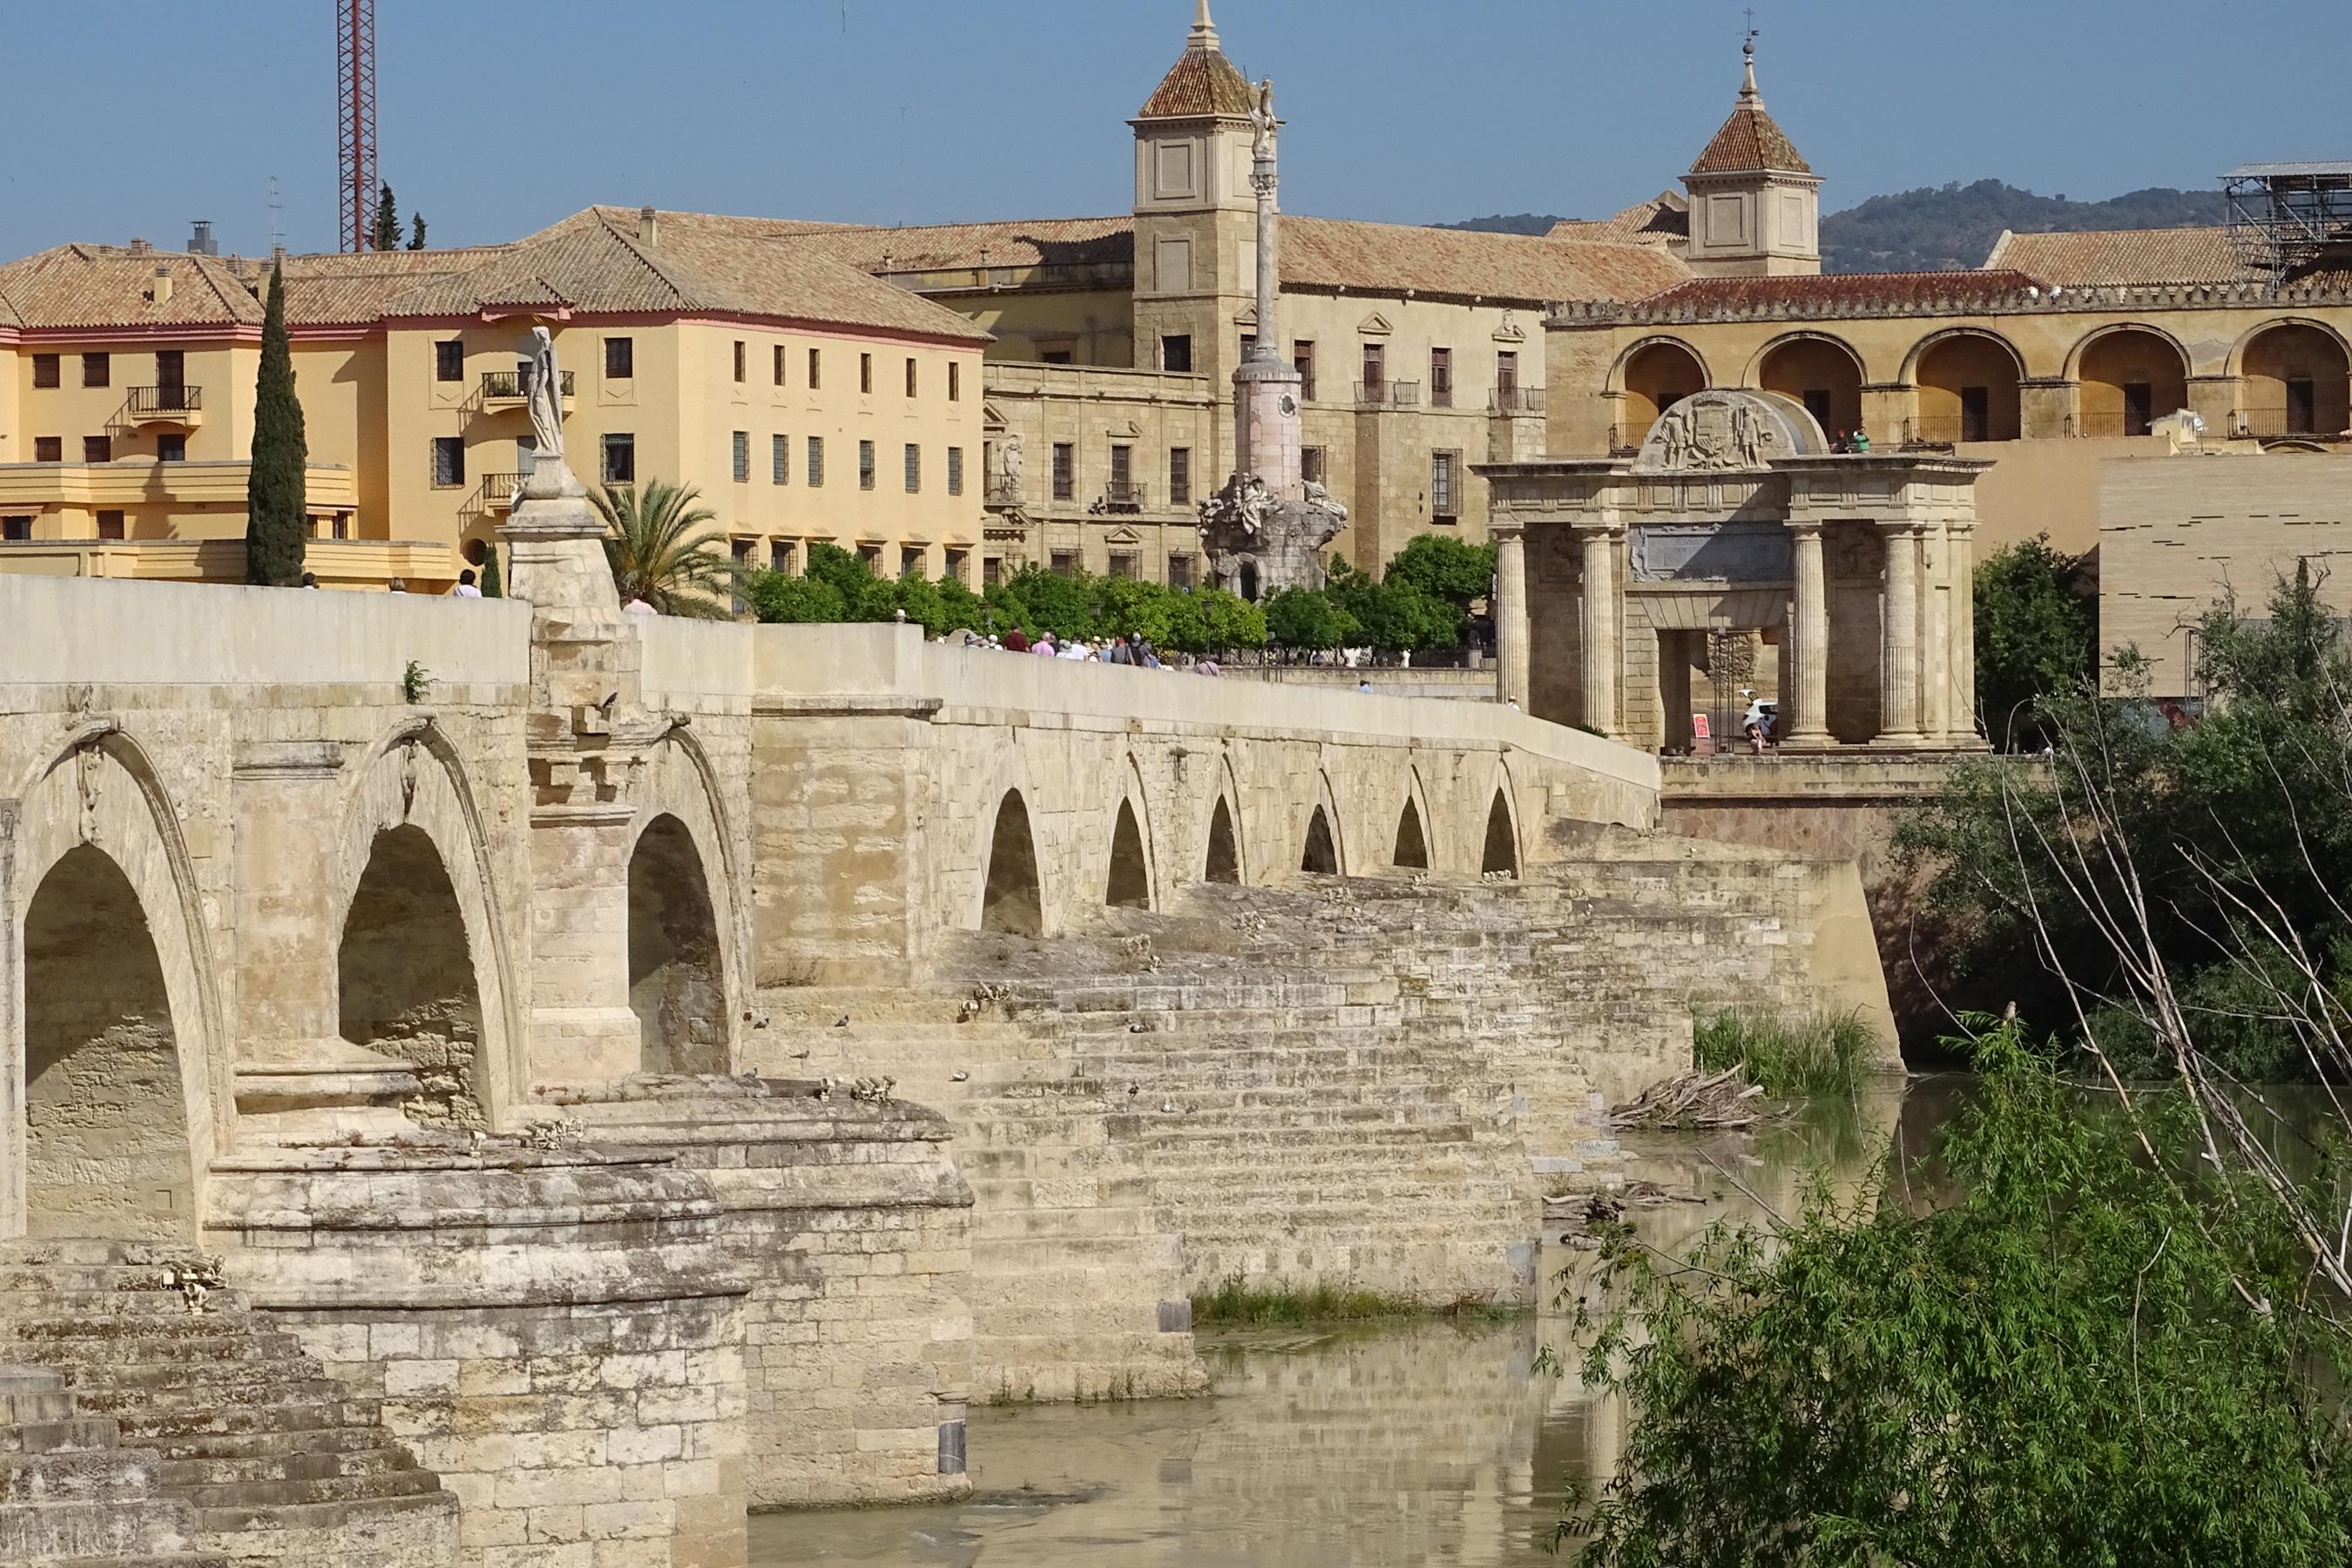 Фотография Испания Cordoba Мосты Города Здания 2700x1800 мост Дома город